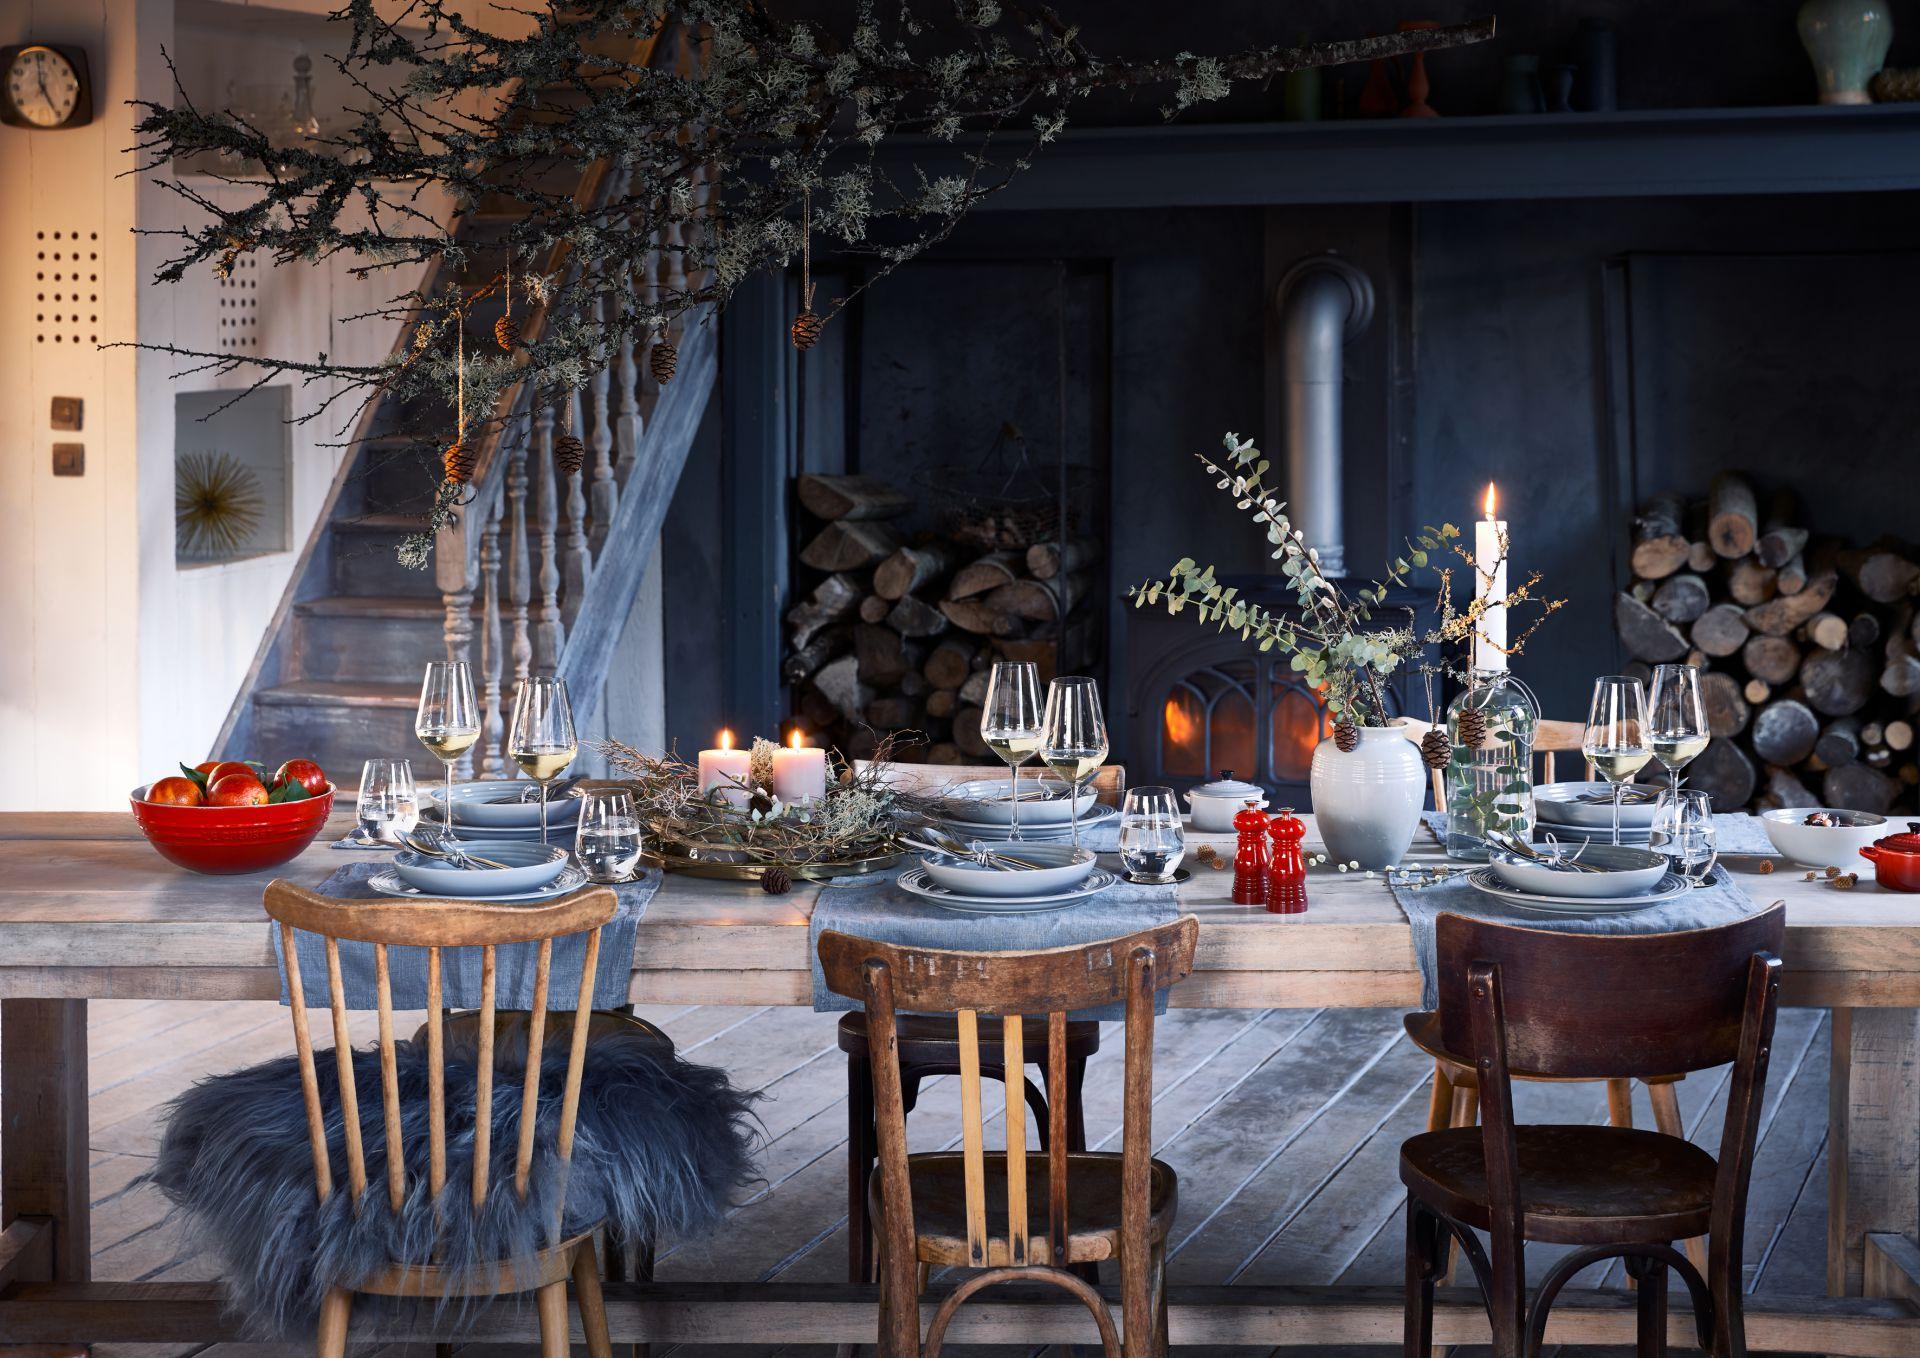 Idee Decorazioni Natalizie Casa.21 Belle Idee Per La Decorazione Della Casa Di Natale Che Ti